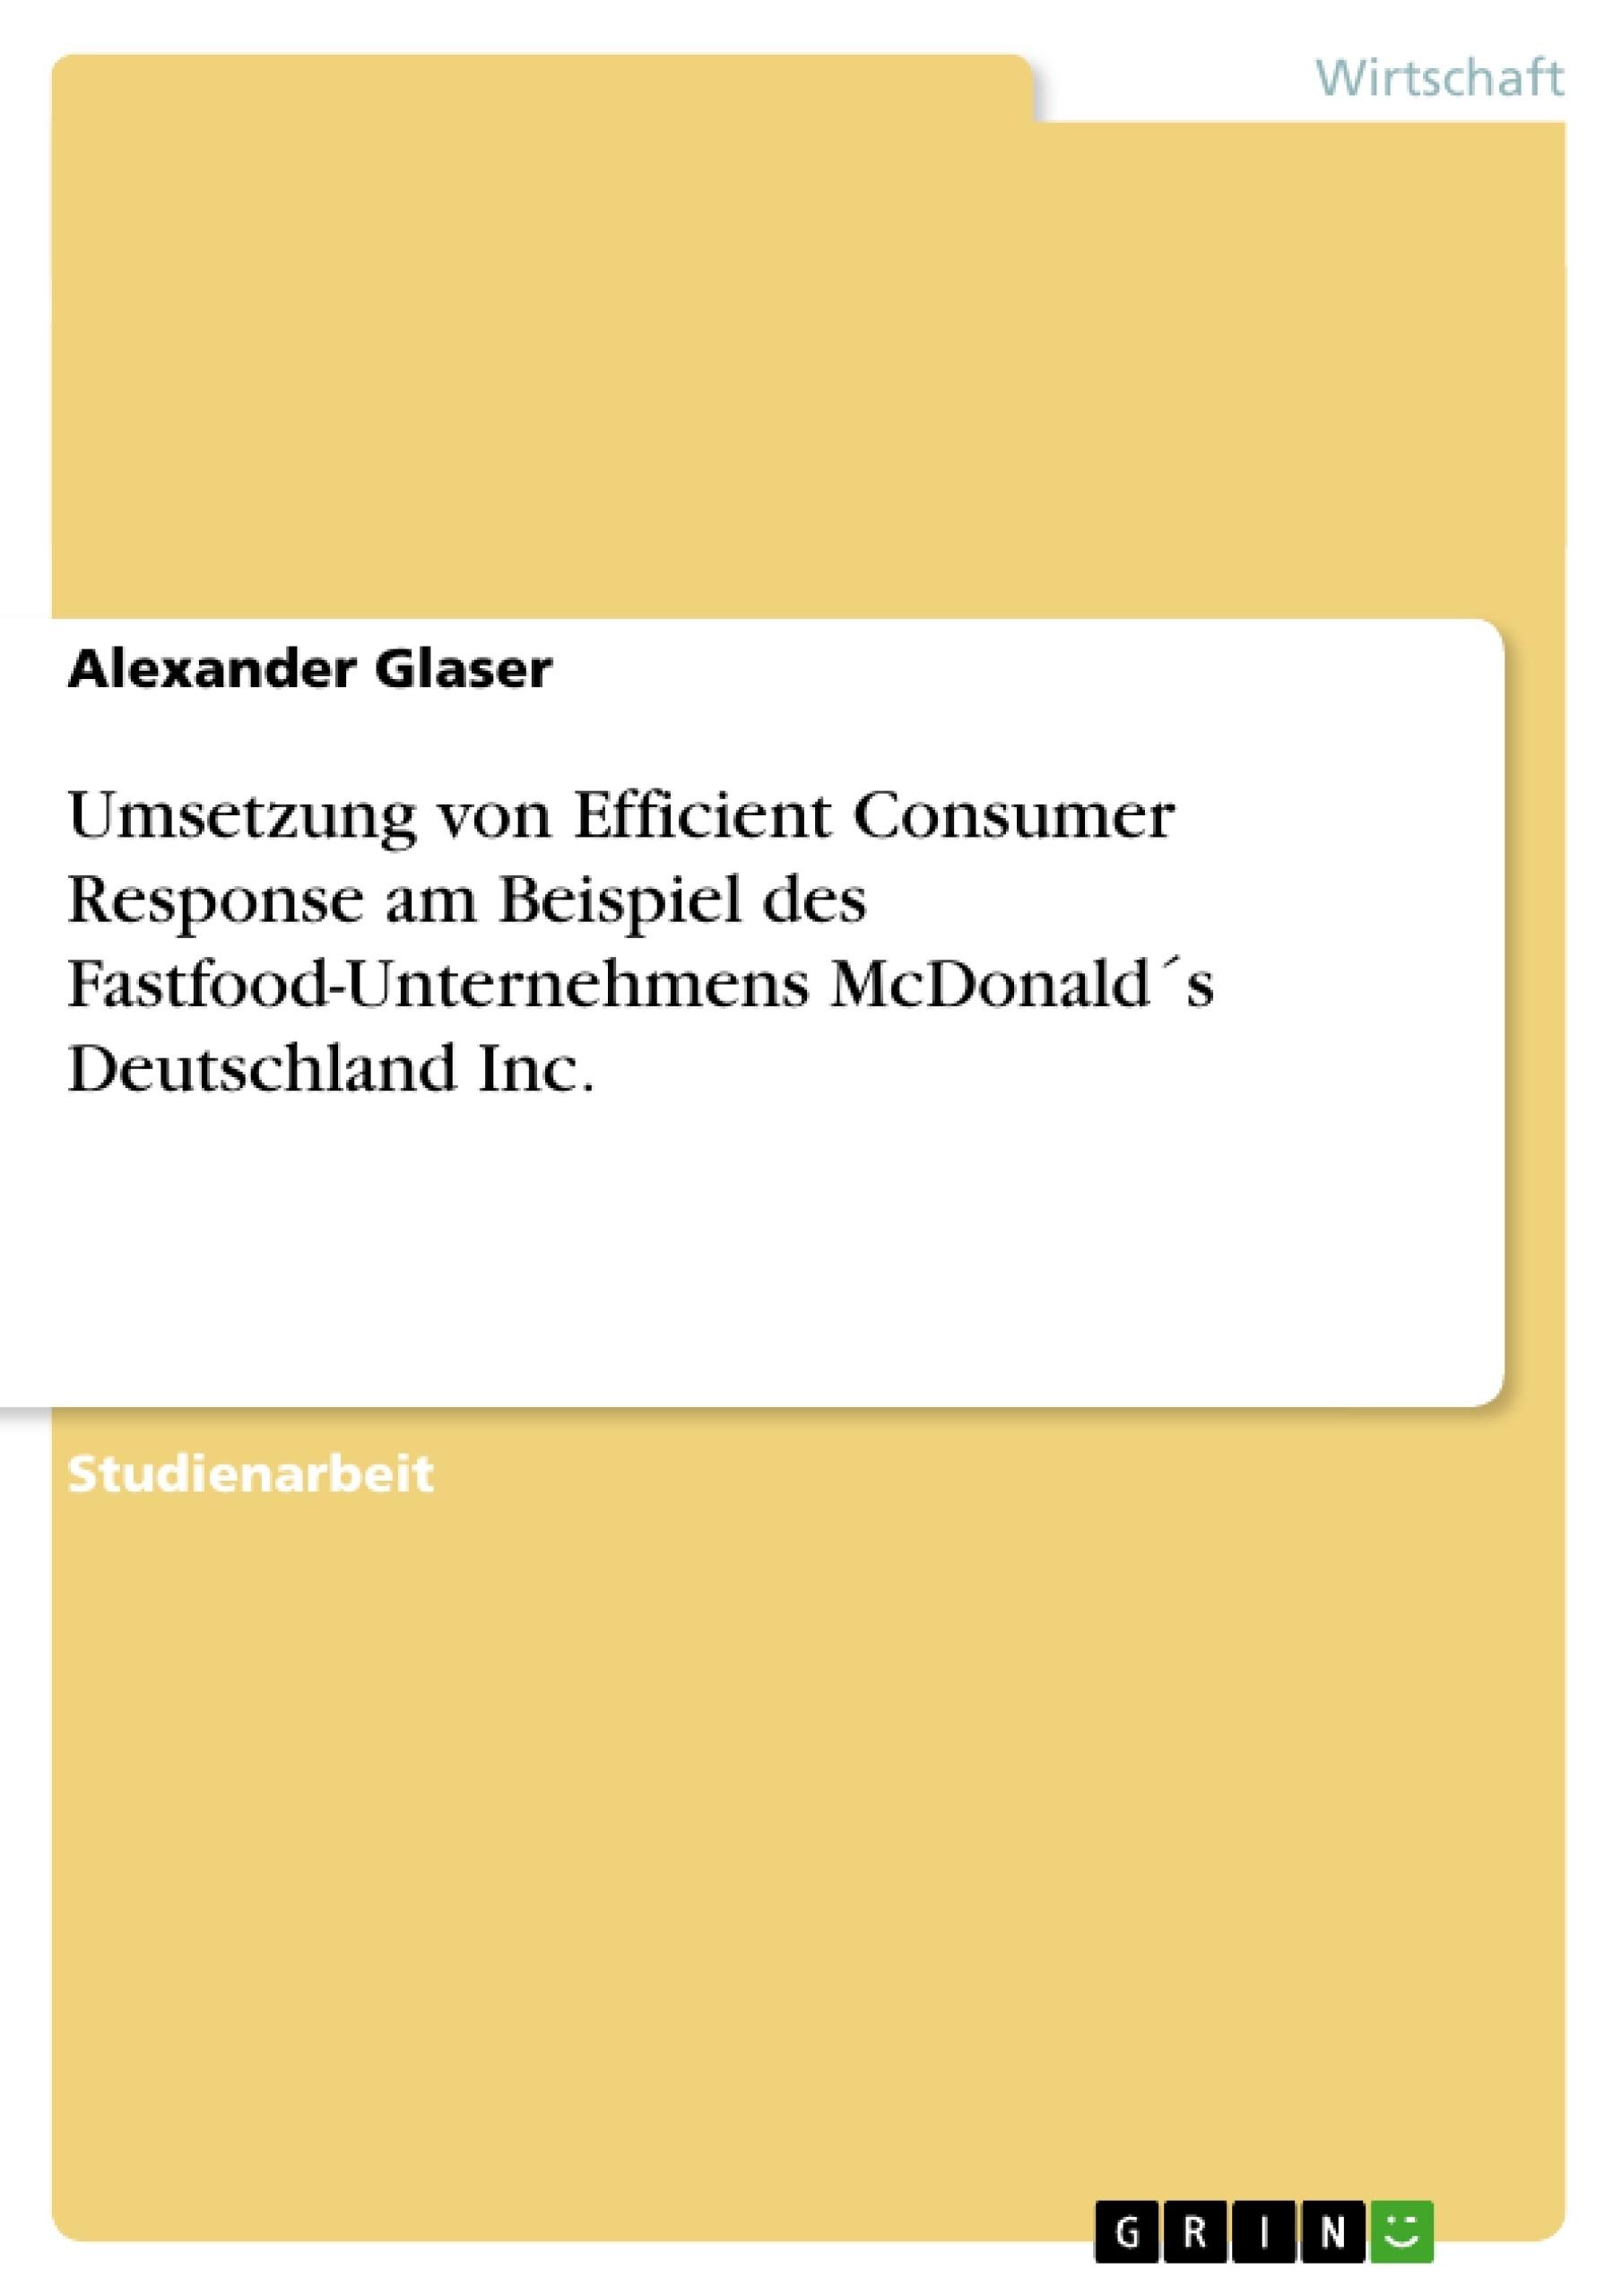 Titel: Umsetzung von Efficient Consumer Response am Beispiel des Fastfood-Unternehmens McDonald´s Deutschland Inc.